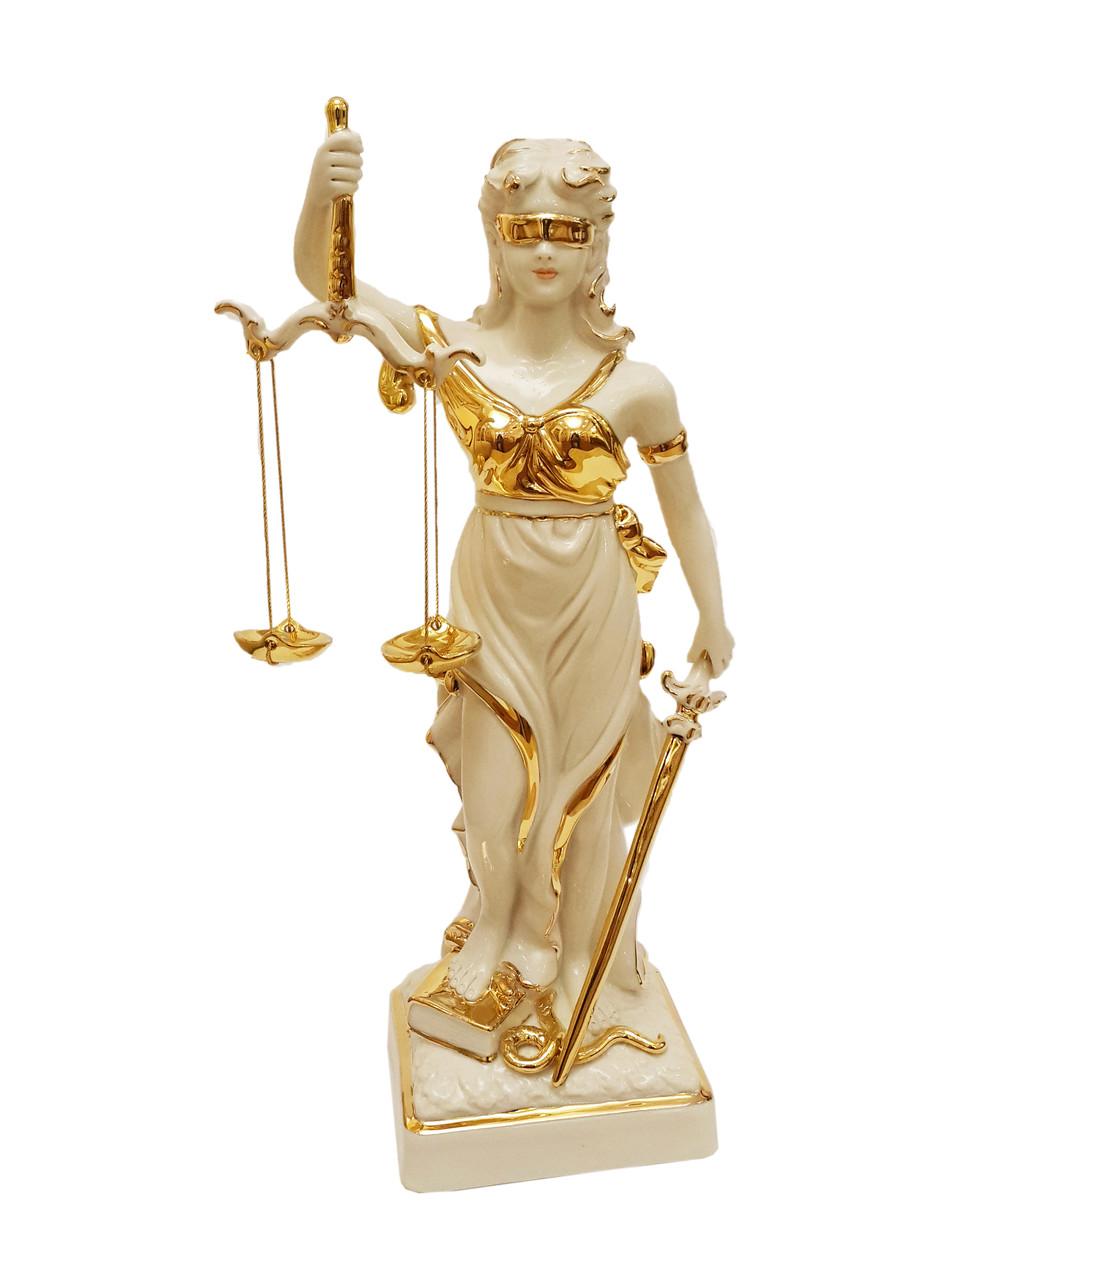 Фарфоровая статуэтка Фемида - богиня правосудия. Италия, ручная работа